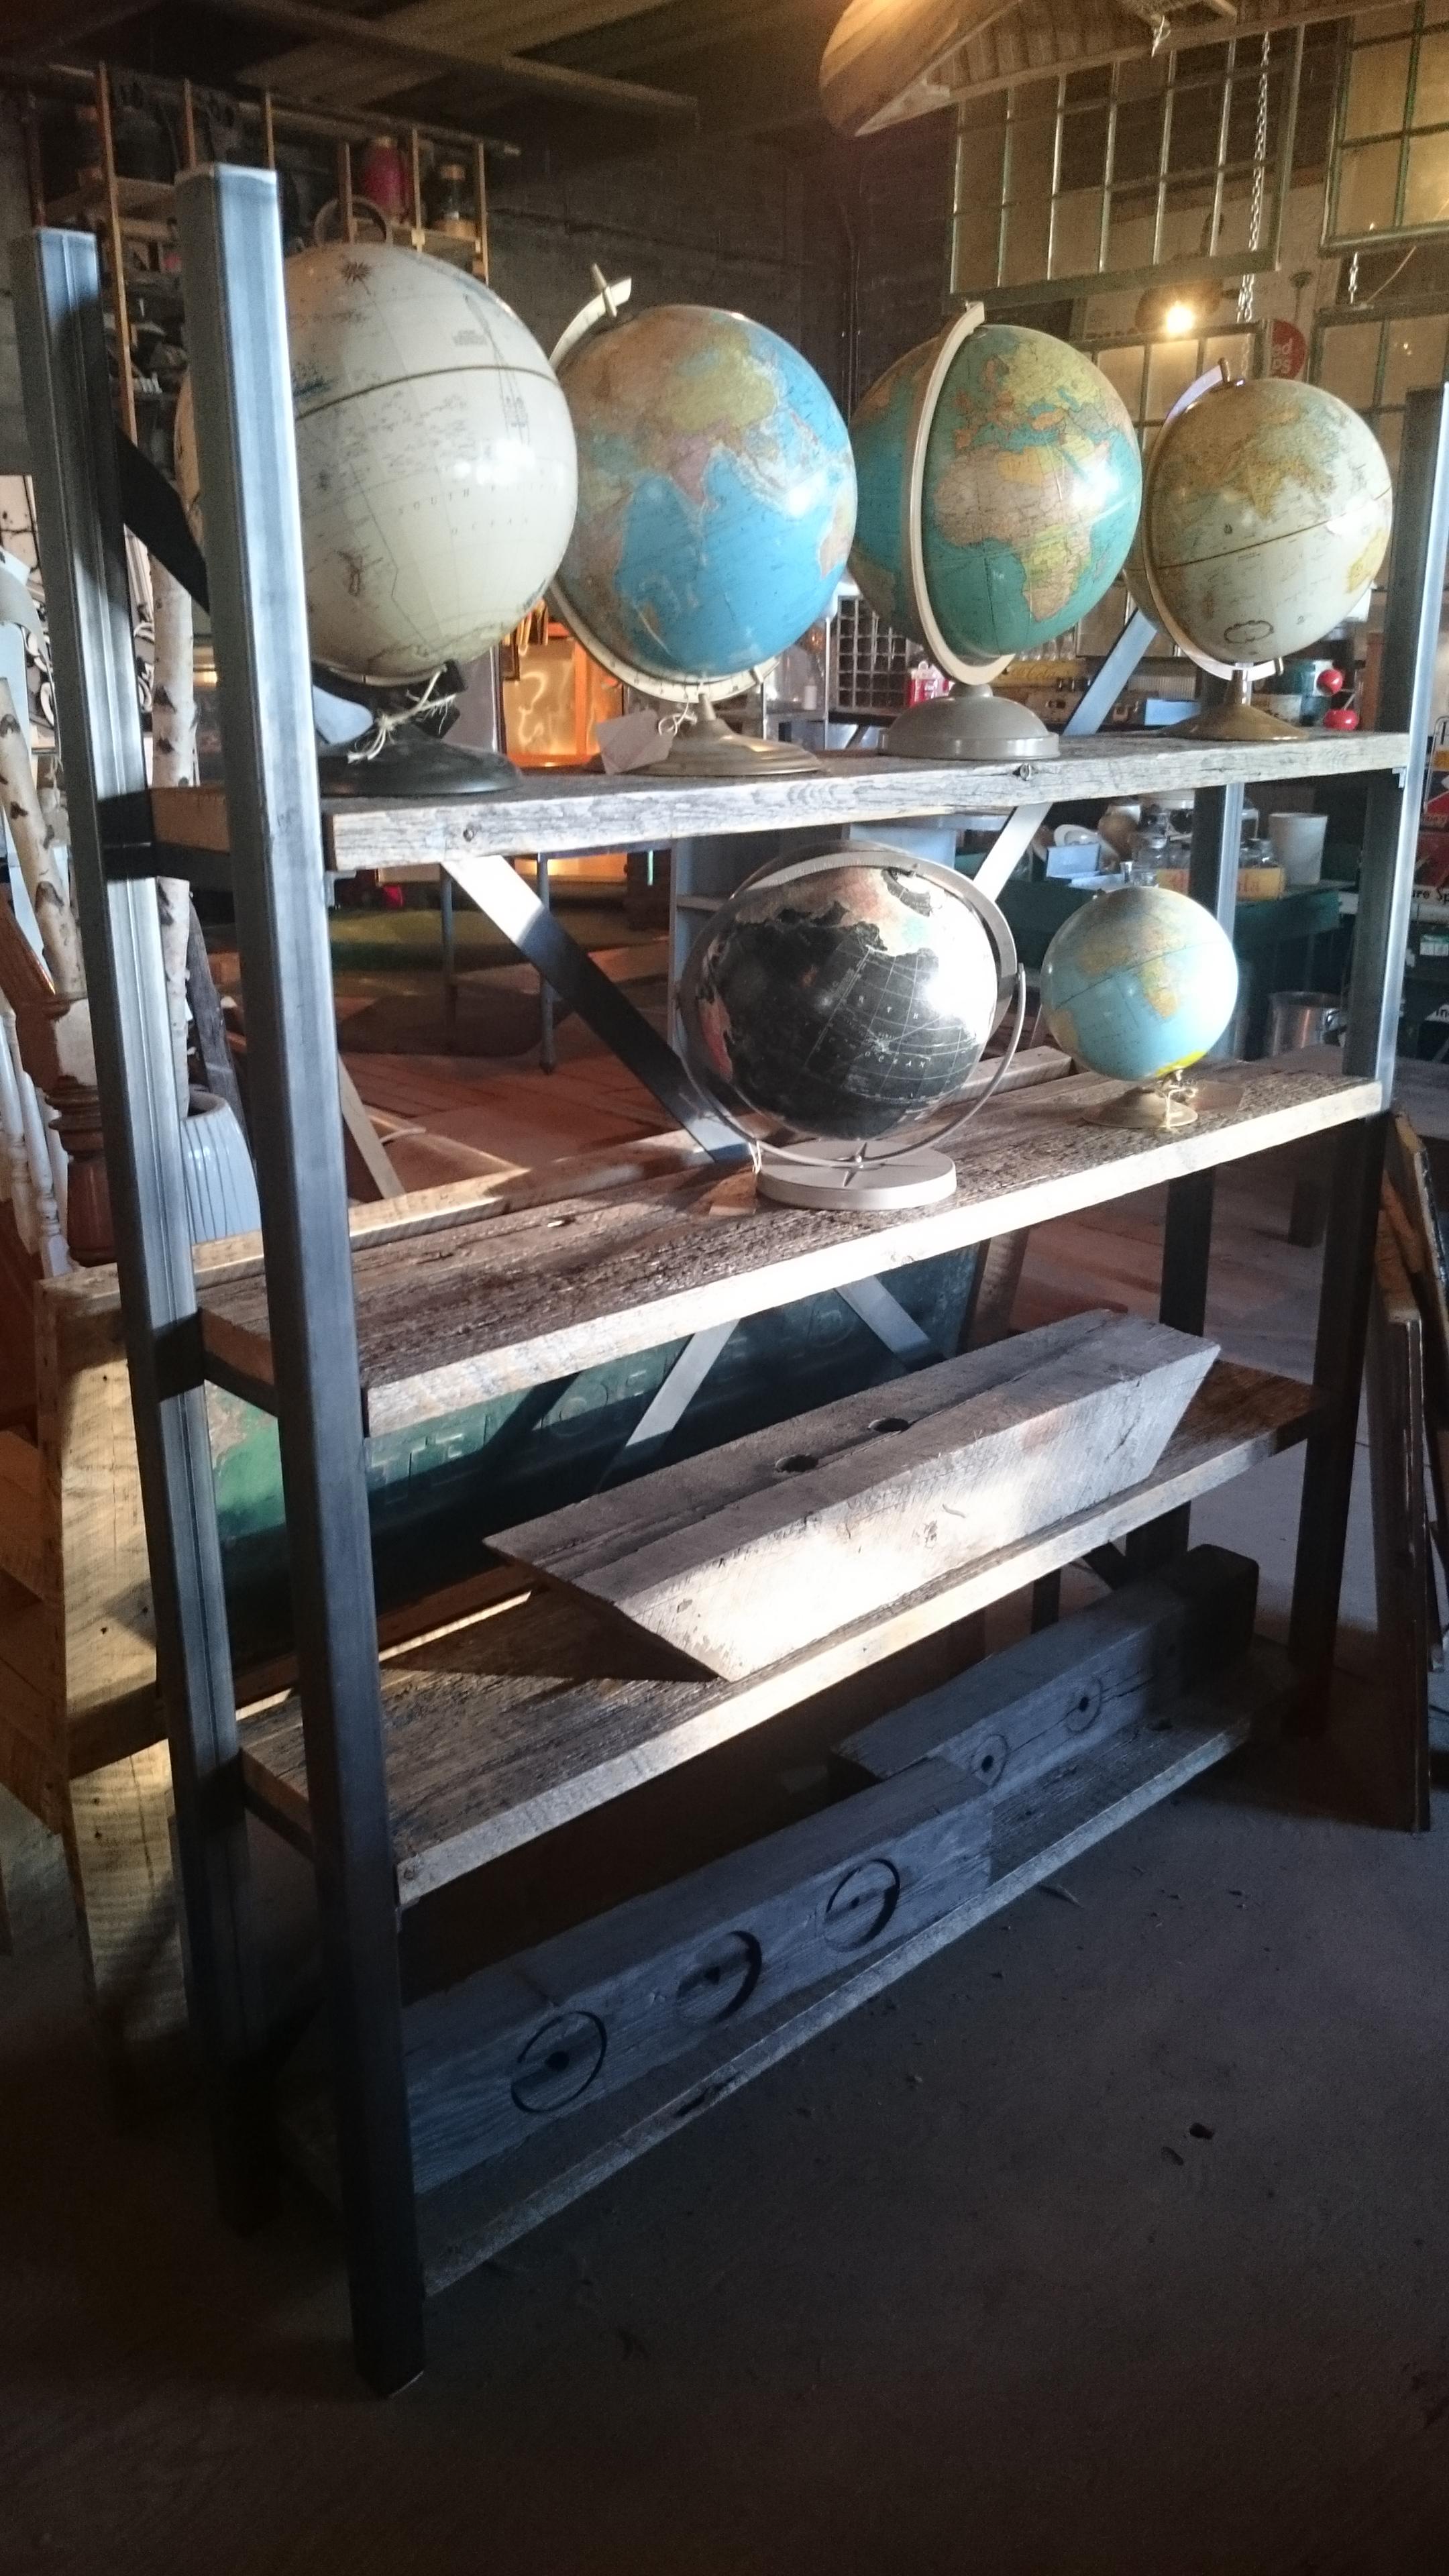 2x2 Shelf unit